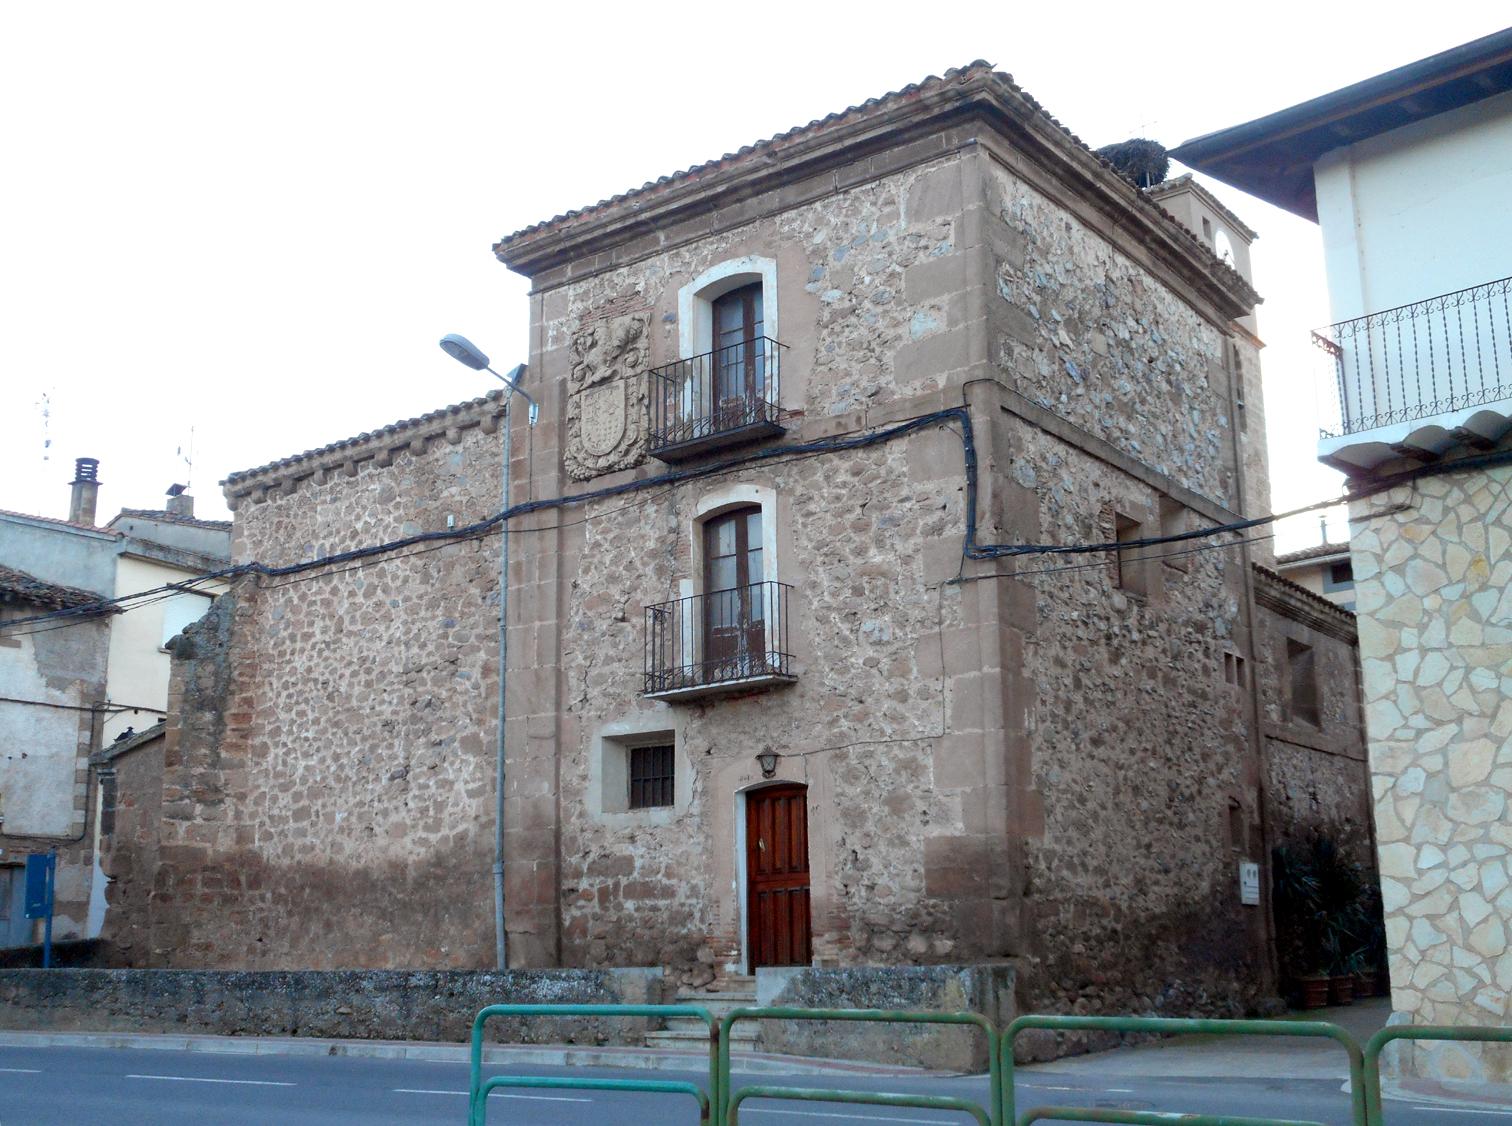 Casas solariegas en la rioja 406 bobadilla otras - Casas prefabricadas la rioja ...